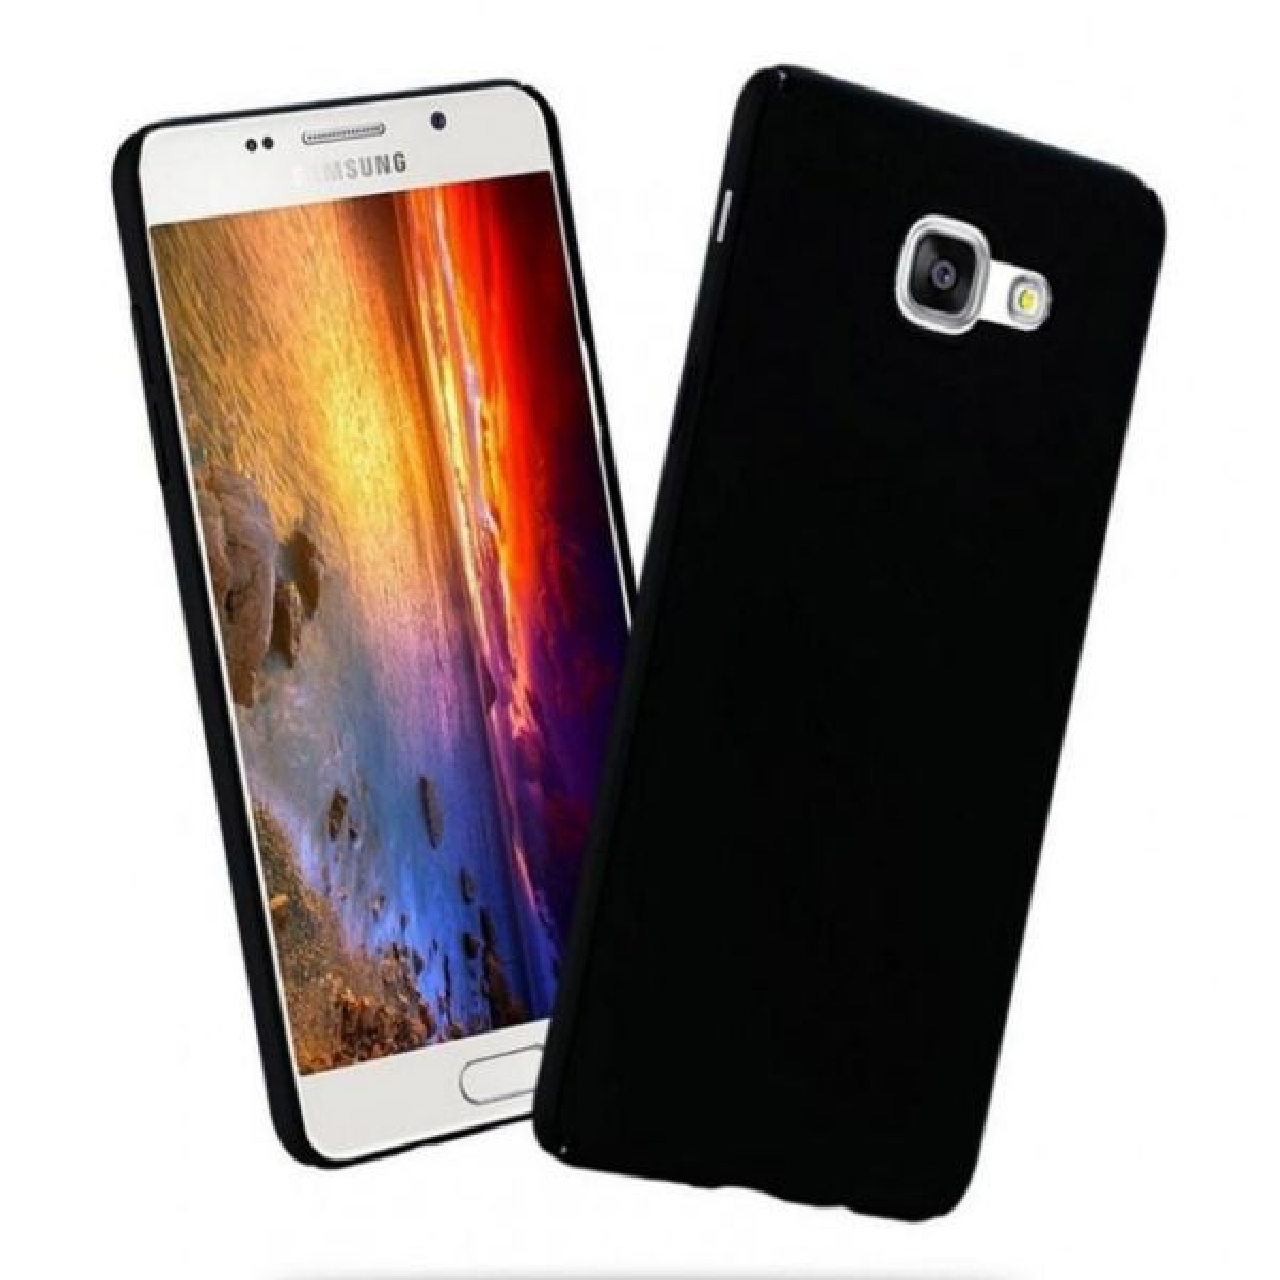 کاور  آیپکی مدل Hard Case مناسب برای گوشی Samsung Galaxy J5 Prime